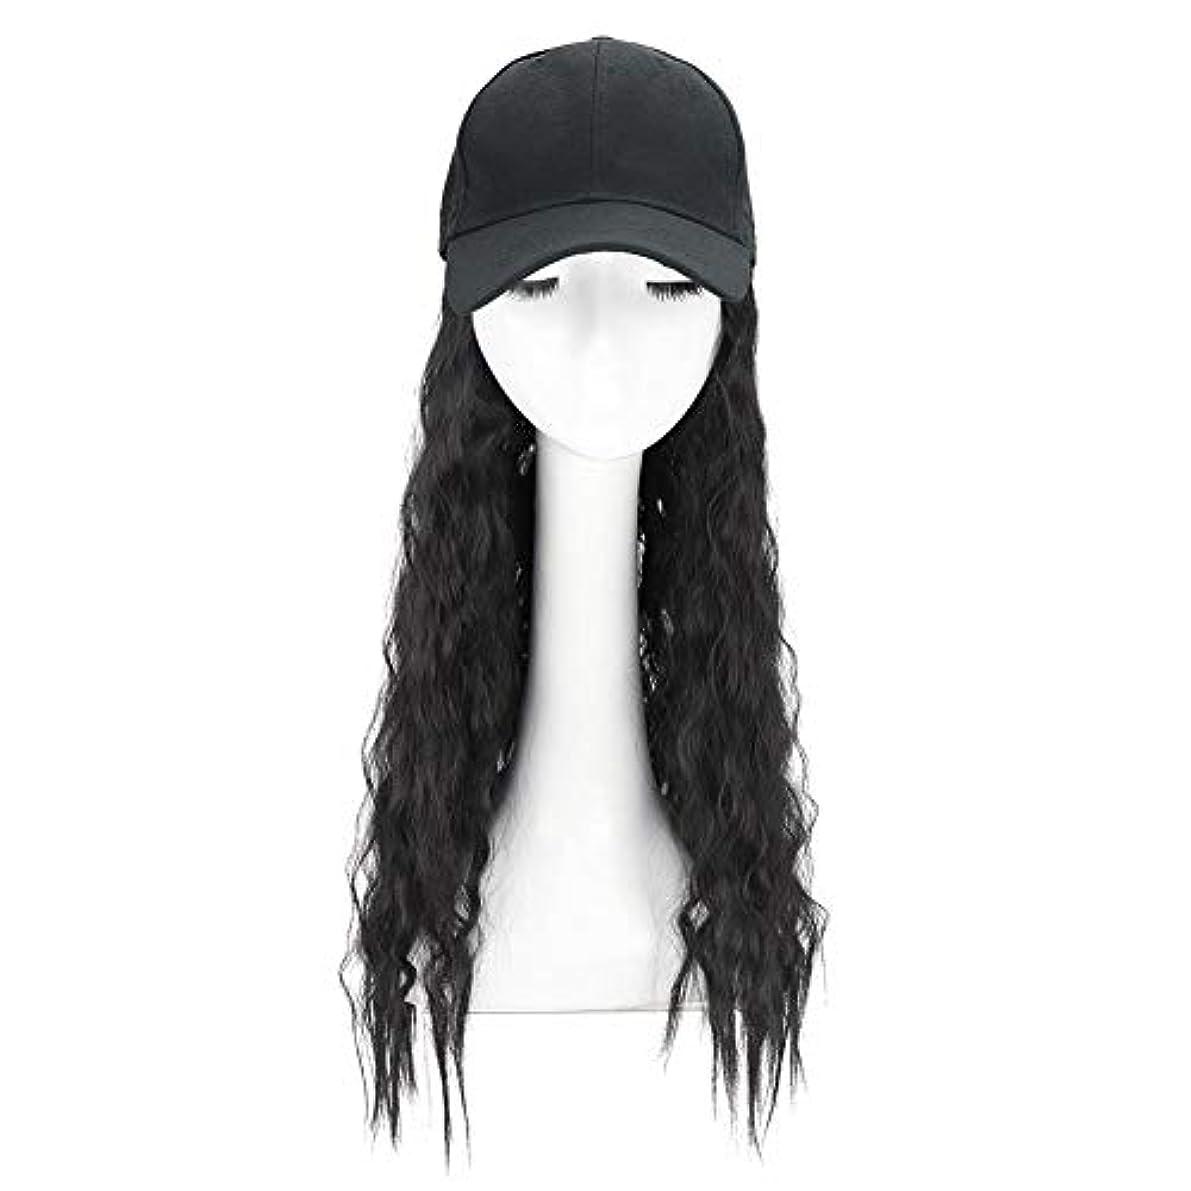 受信排除租界Brill(ブリーオ)帽子ロングカーリーウェーブ女性ファッション野球帽ブラックウィッグ